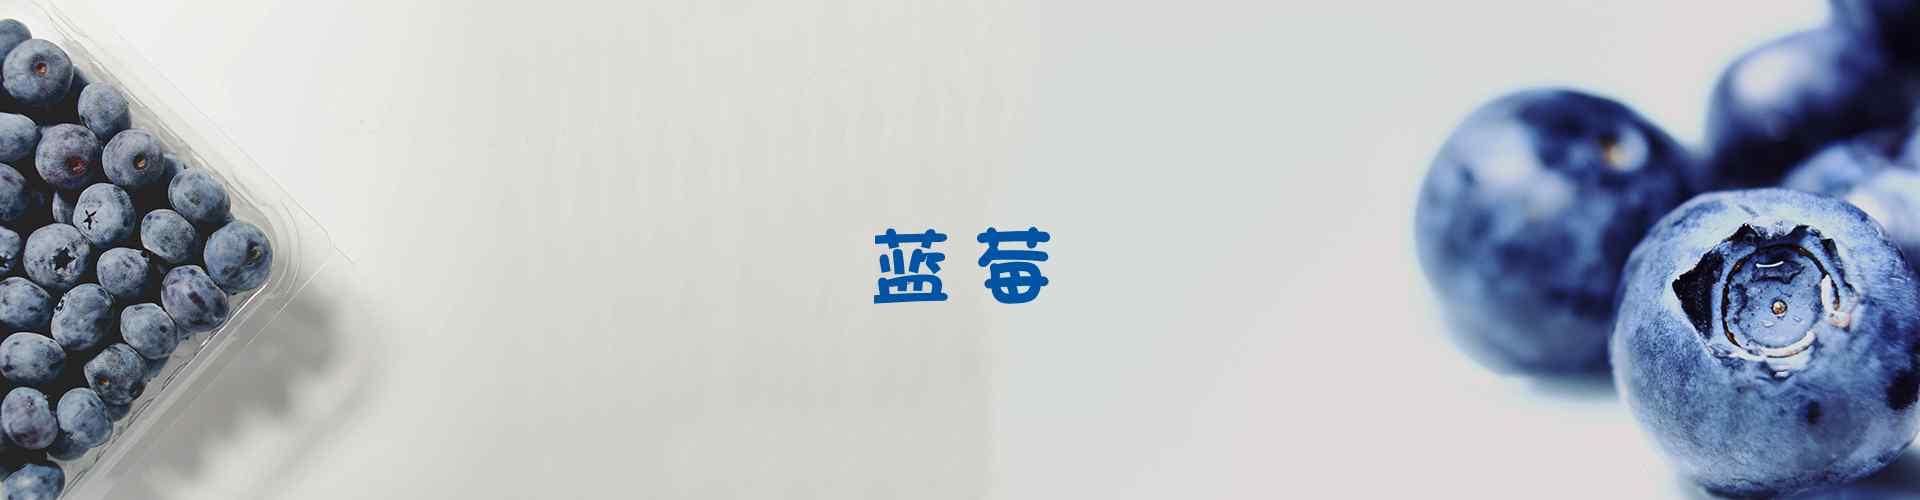 蓝莓_蓝莓图片_蓝莓蛋糕图片_蓝莓创意图片_小清新蓝莓图片_蓝莓树图片_水果图片壁纸